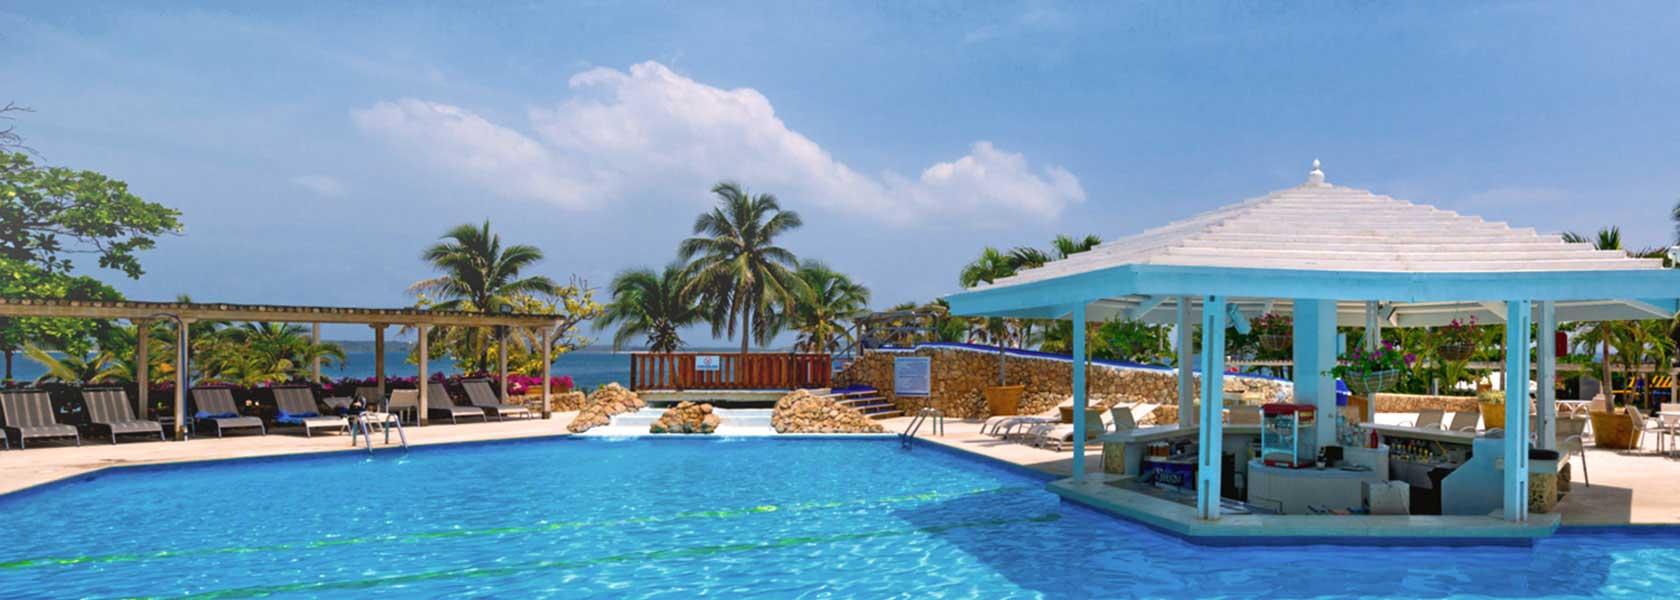 sprawling pool